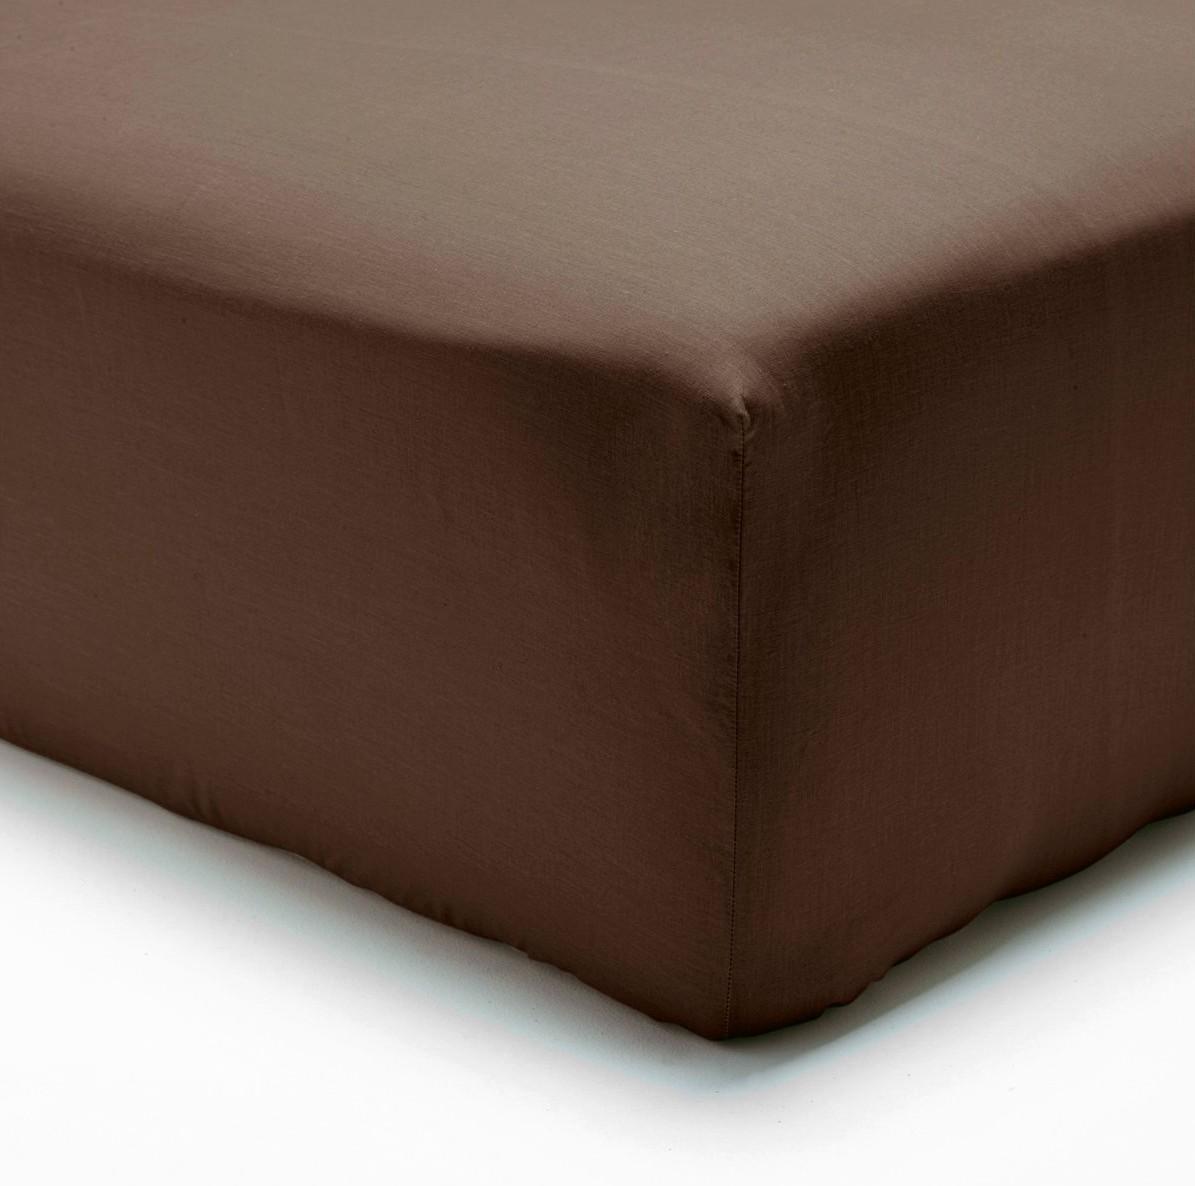 Polášek jersey prostěradlo 140x200cm, tmavě hnědé